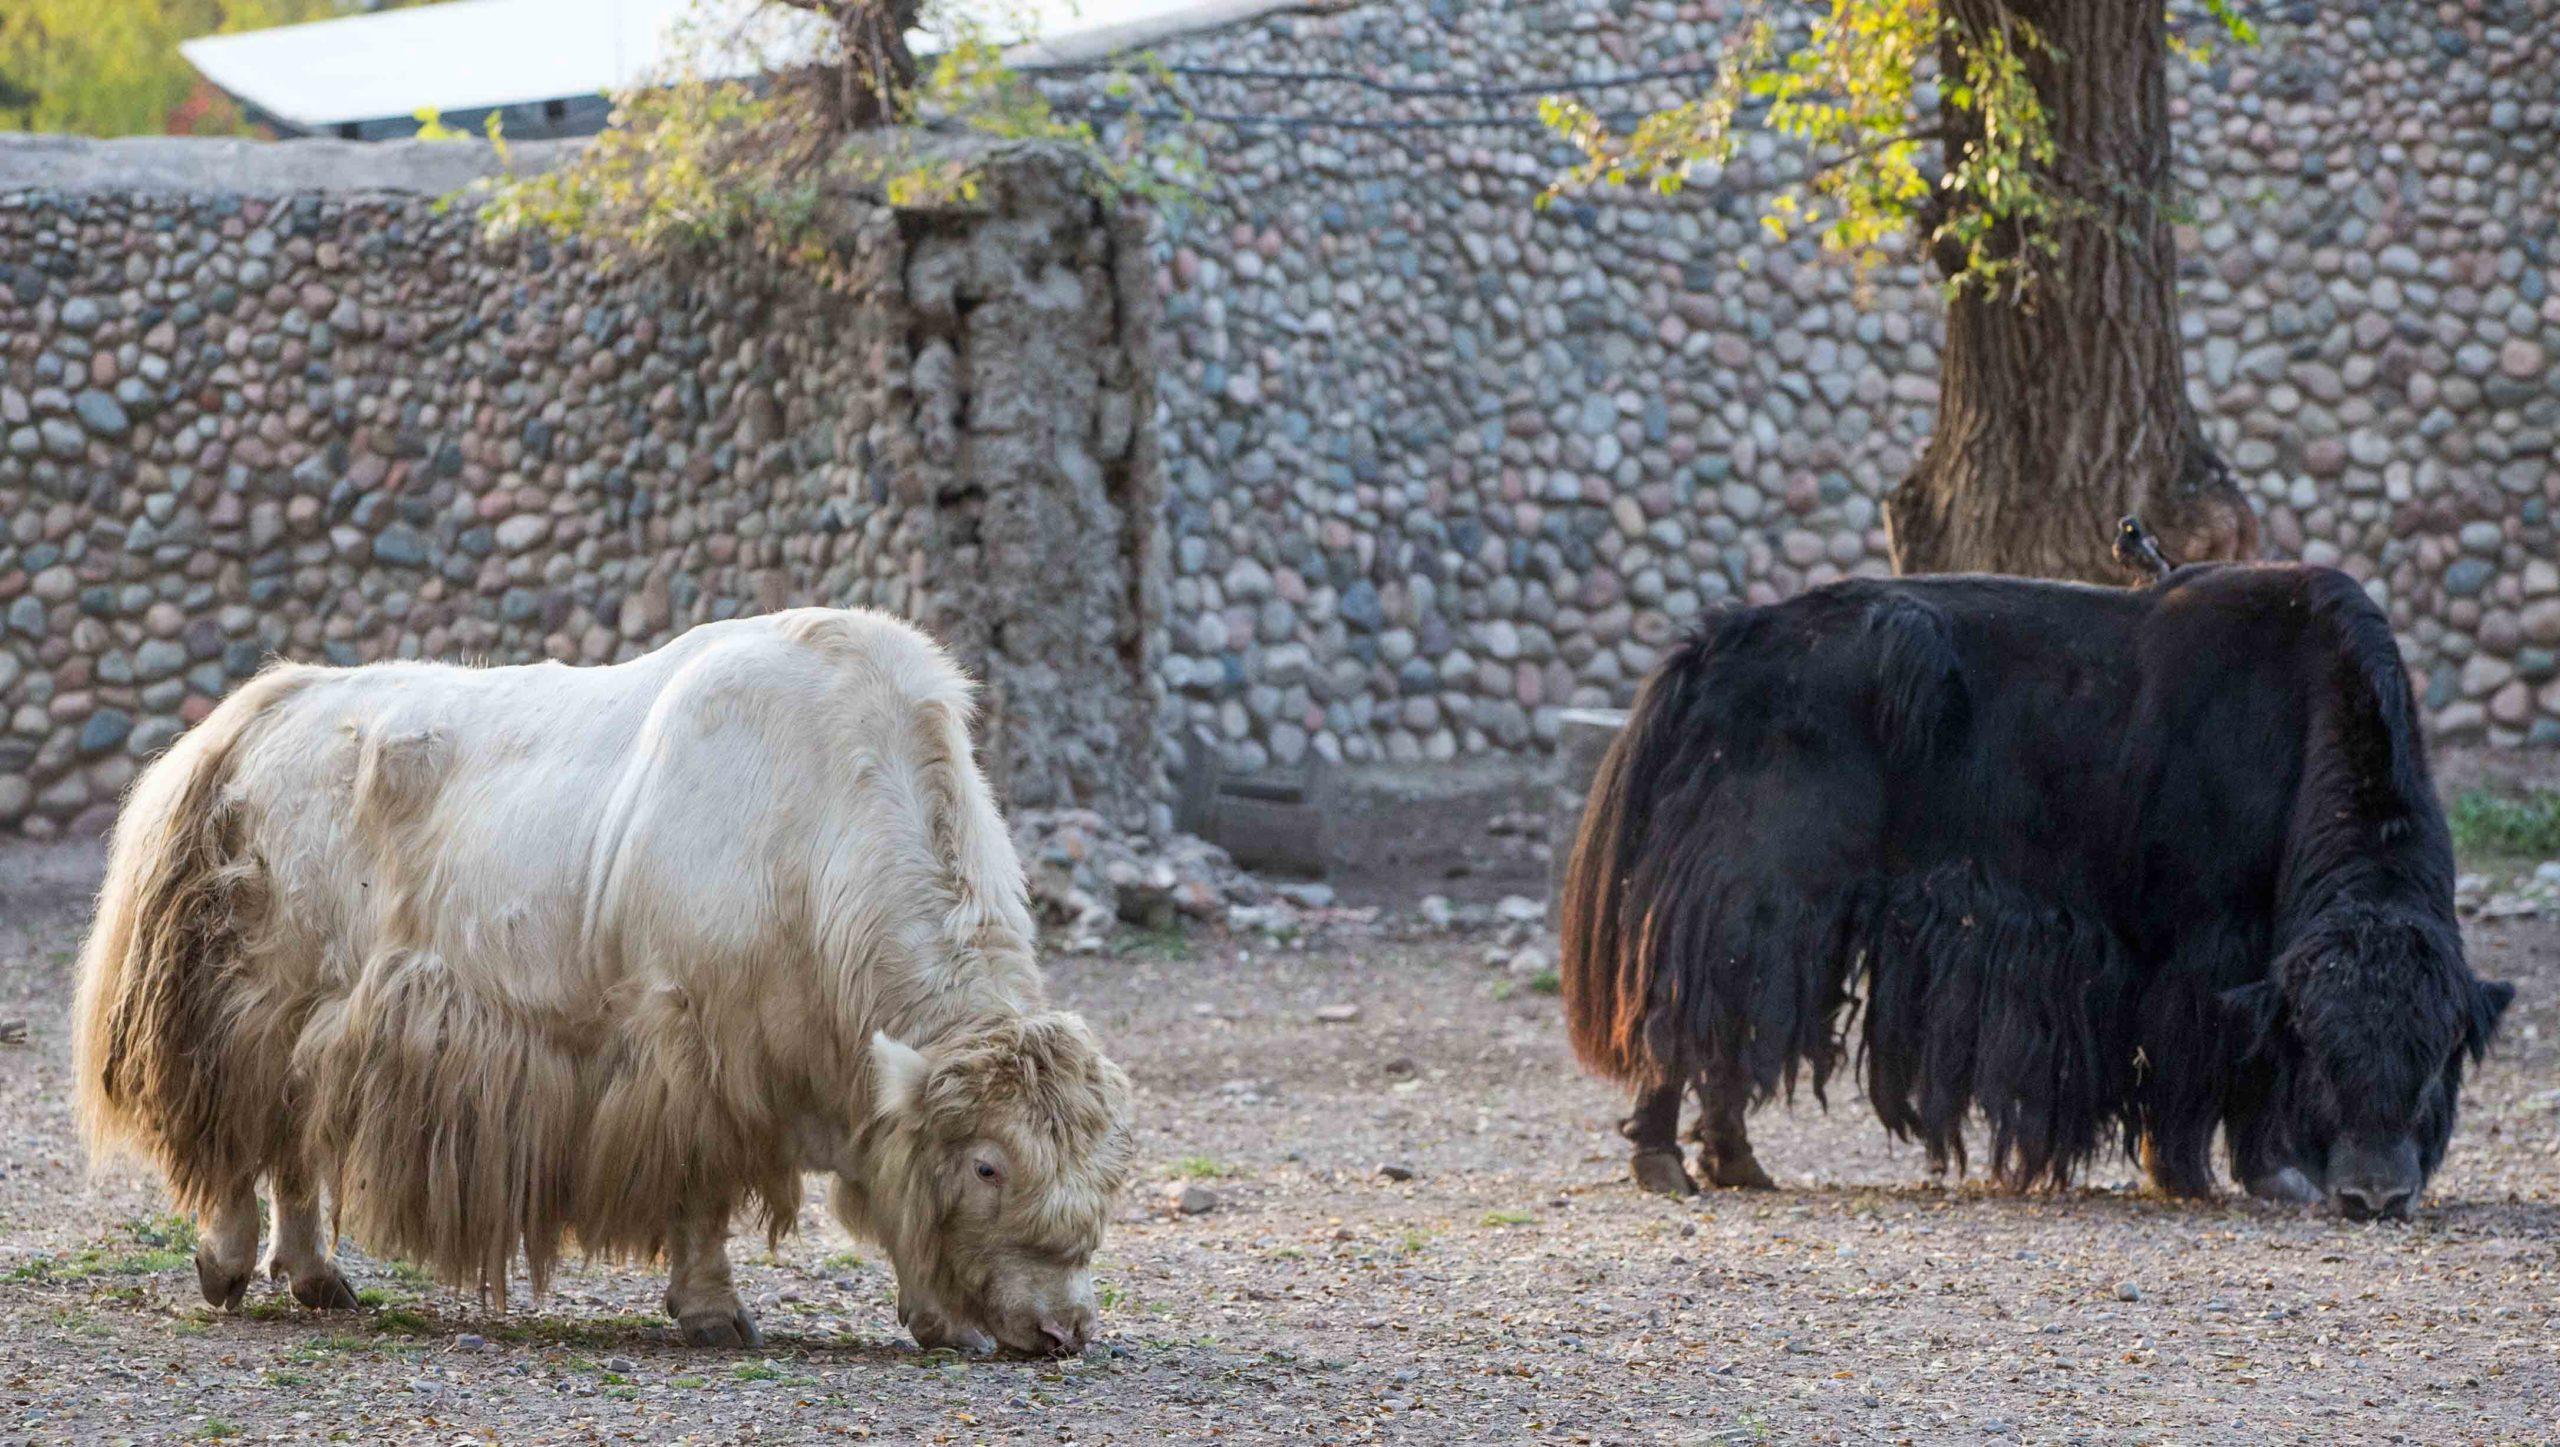 Хэллоуин в Алматинском зоопарке. Ночная жизнь хищников и самый милый на планете гиббон